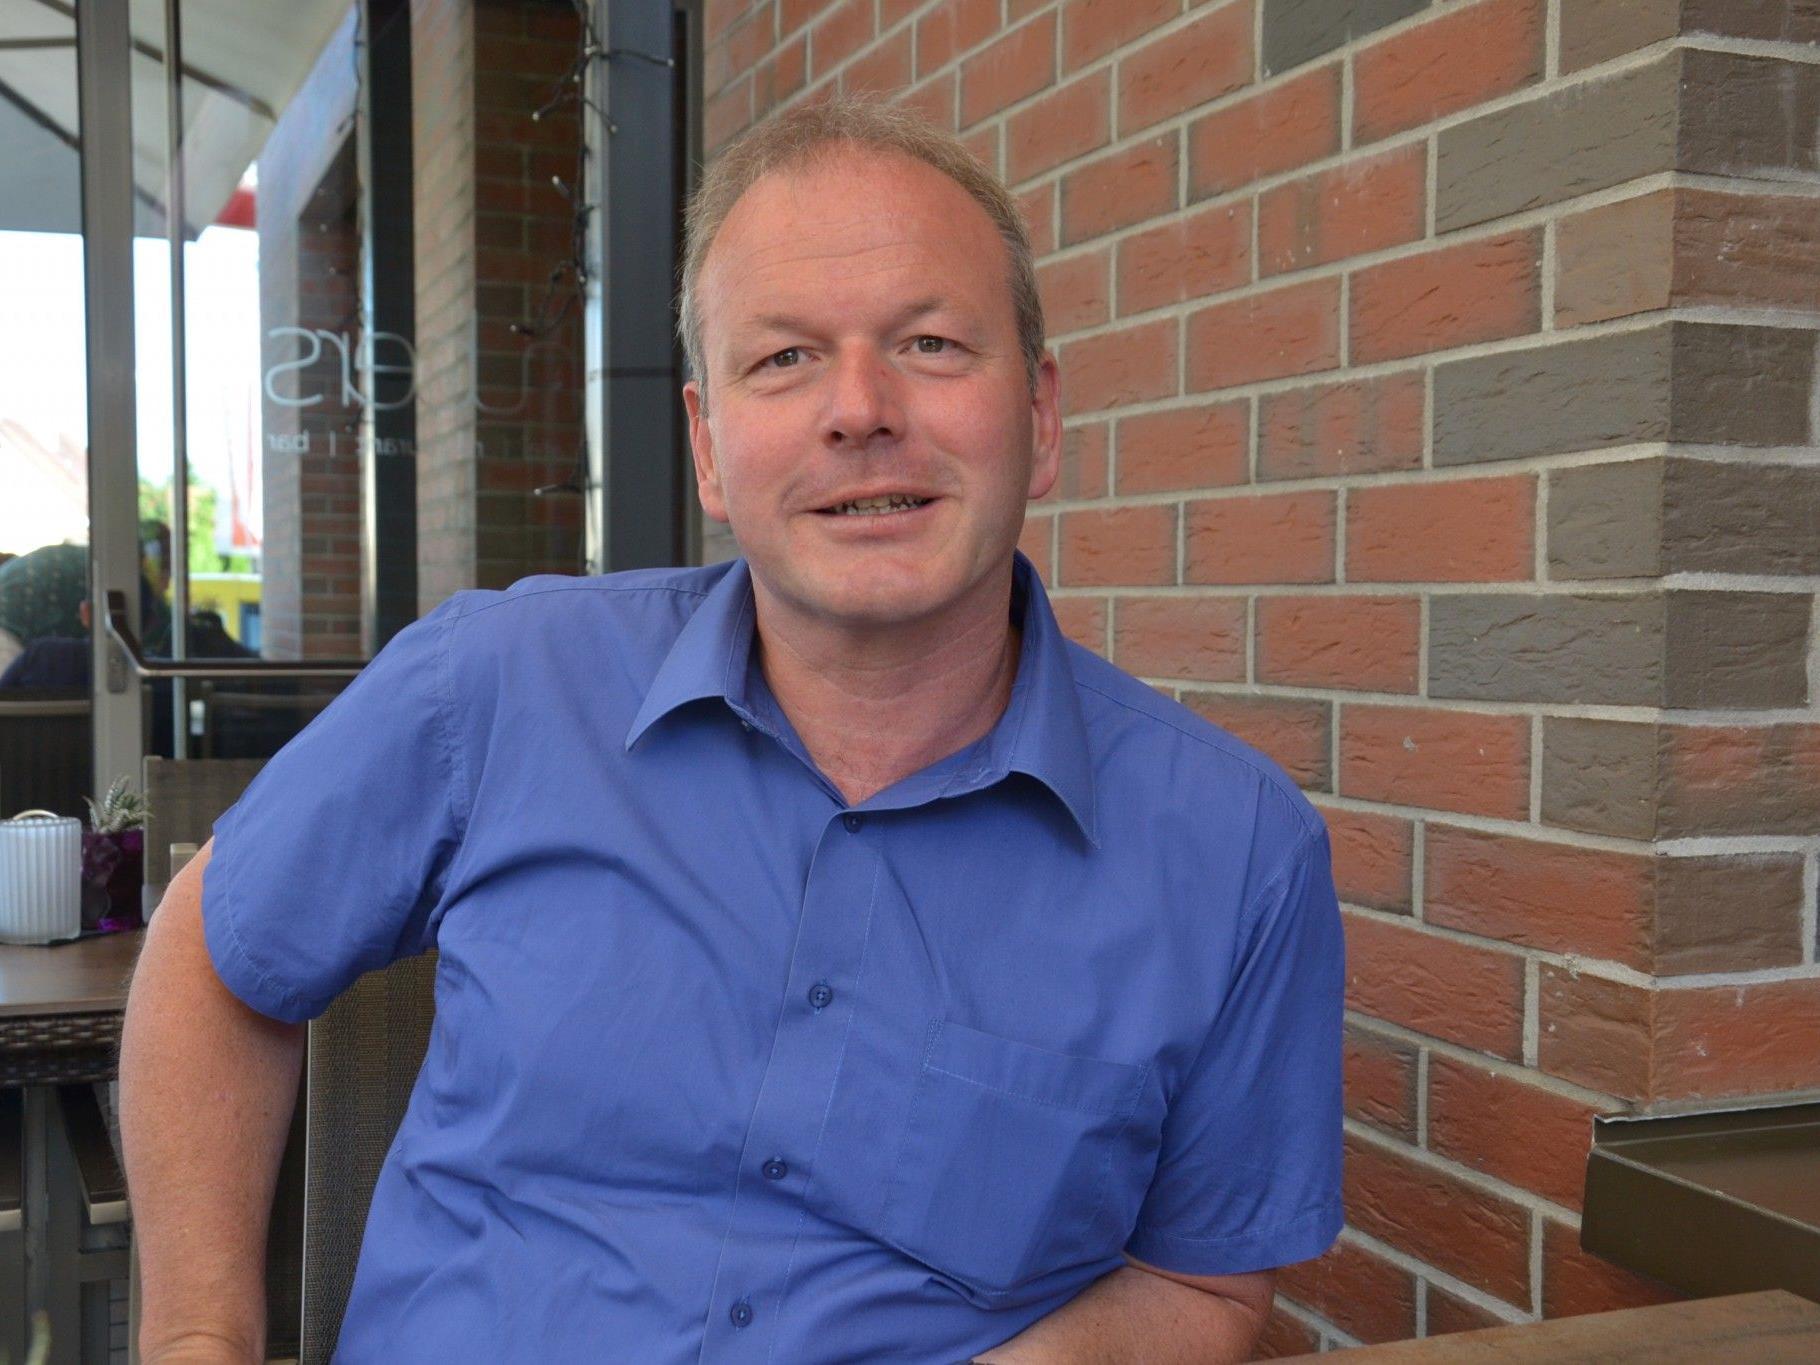 Bürgermeister Christian Loacker gibt einen Ausblick auf das Gemeindejahr 2017.